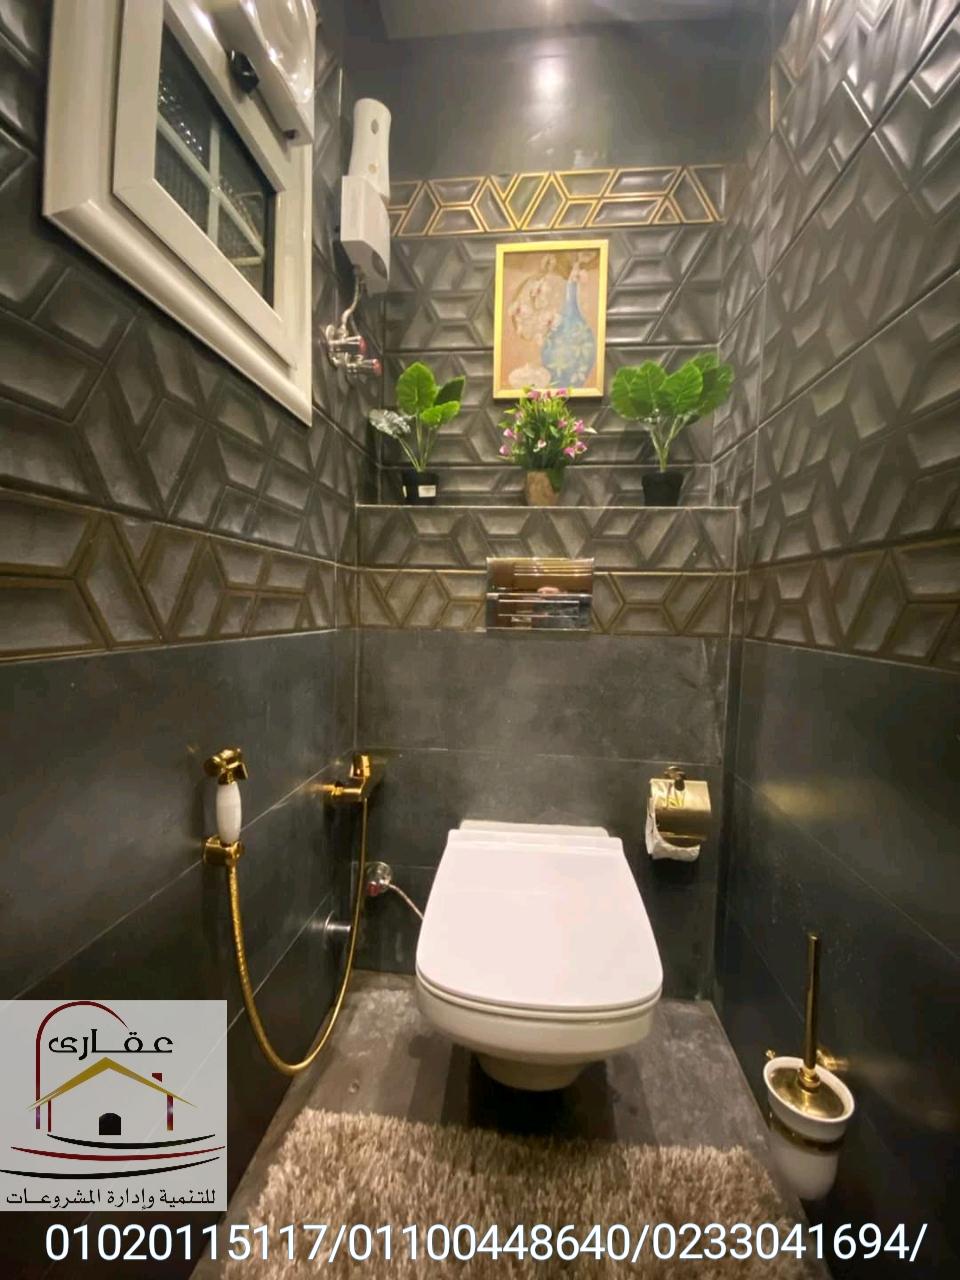 حمامات /حمامات سباحة / ديكورات للحمامات السباحة / شركة عقارى 01100448640 Whats166